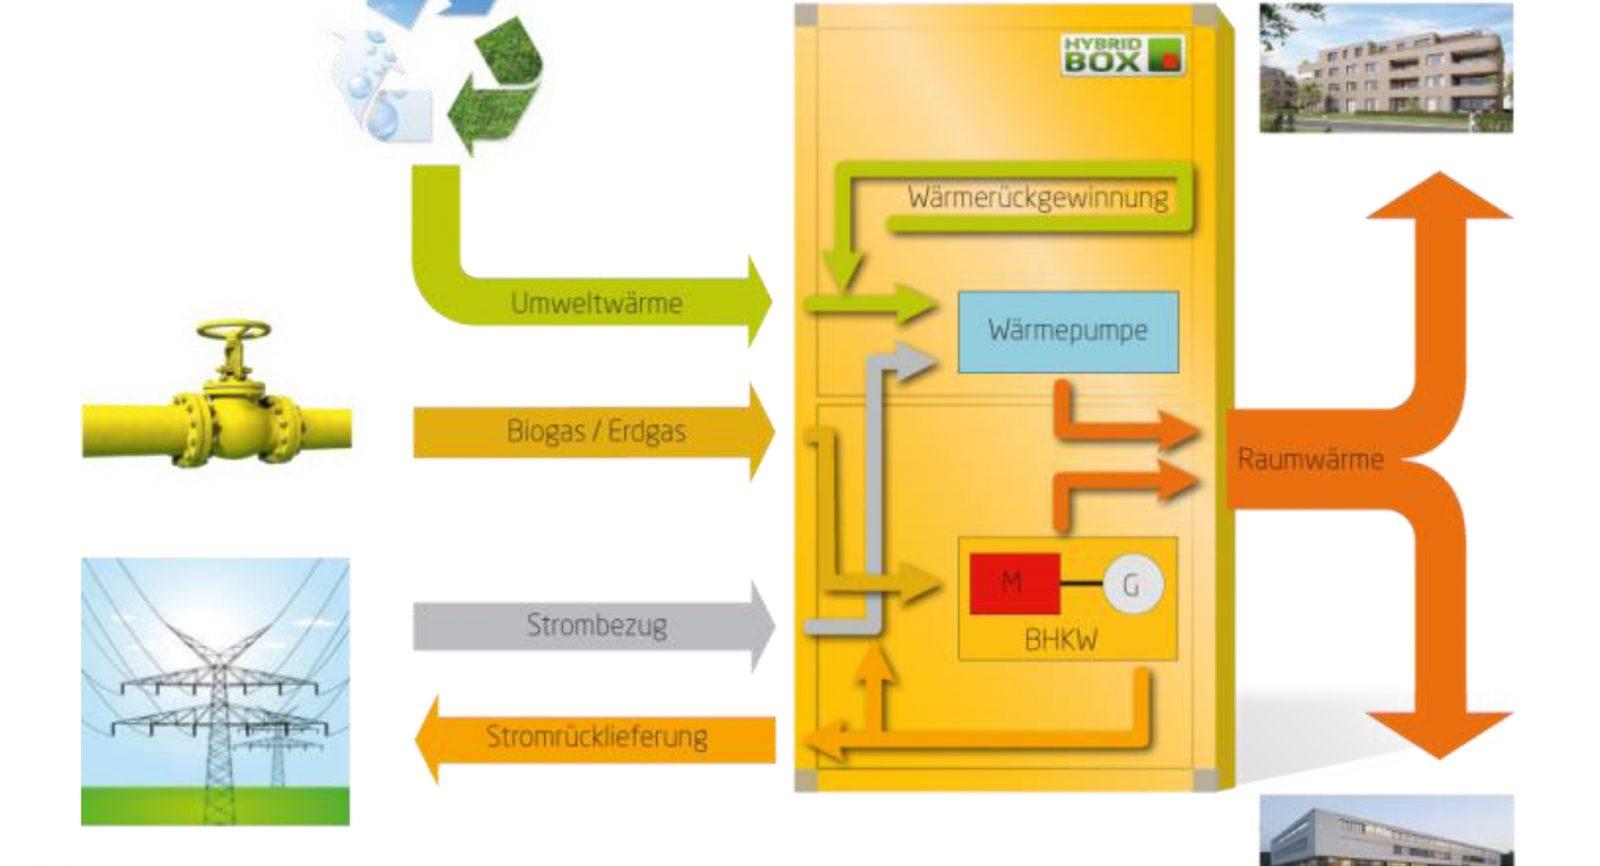 La chaleur ambiante et la chaleur résiduelle, d'une part, du méthane renouvelable et du gaz naturel conventionnel, d'autre part, sont utilisés de telle sorte que l'approvisionnement en chaleur et en électricité soit efficace.